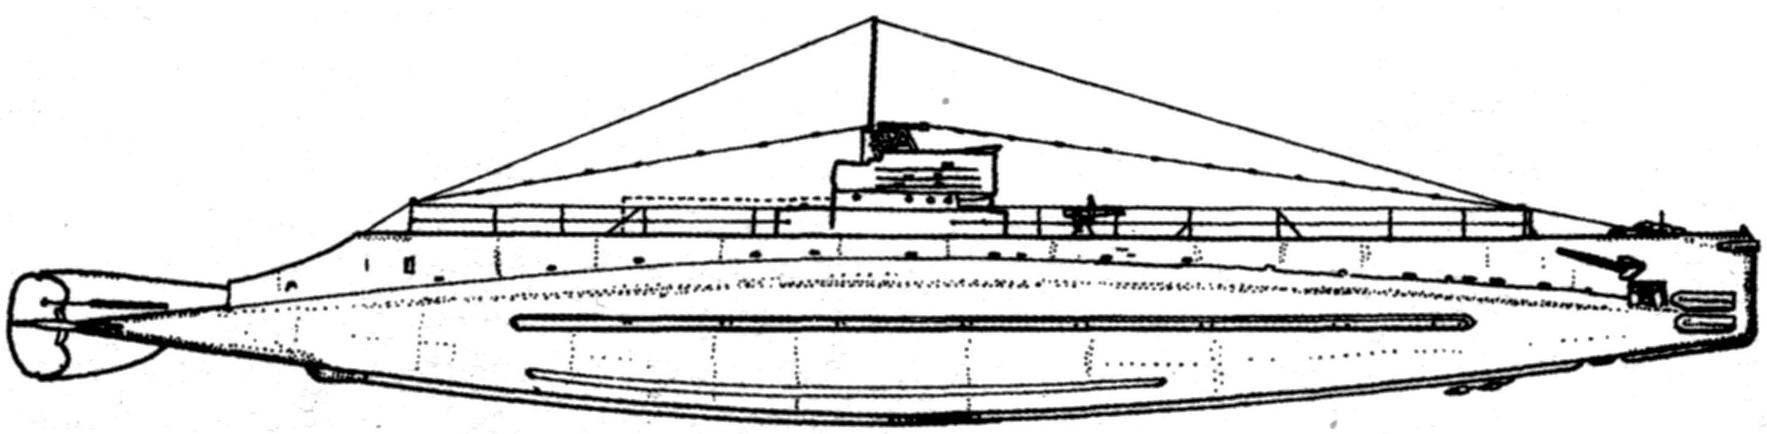 Подводная лодка «S-1» (SS-105) типа «S», США, 1919 г. (Проектный вариант)